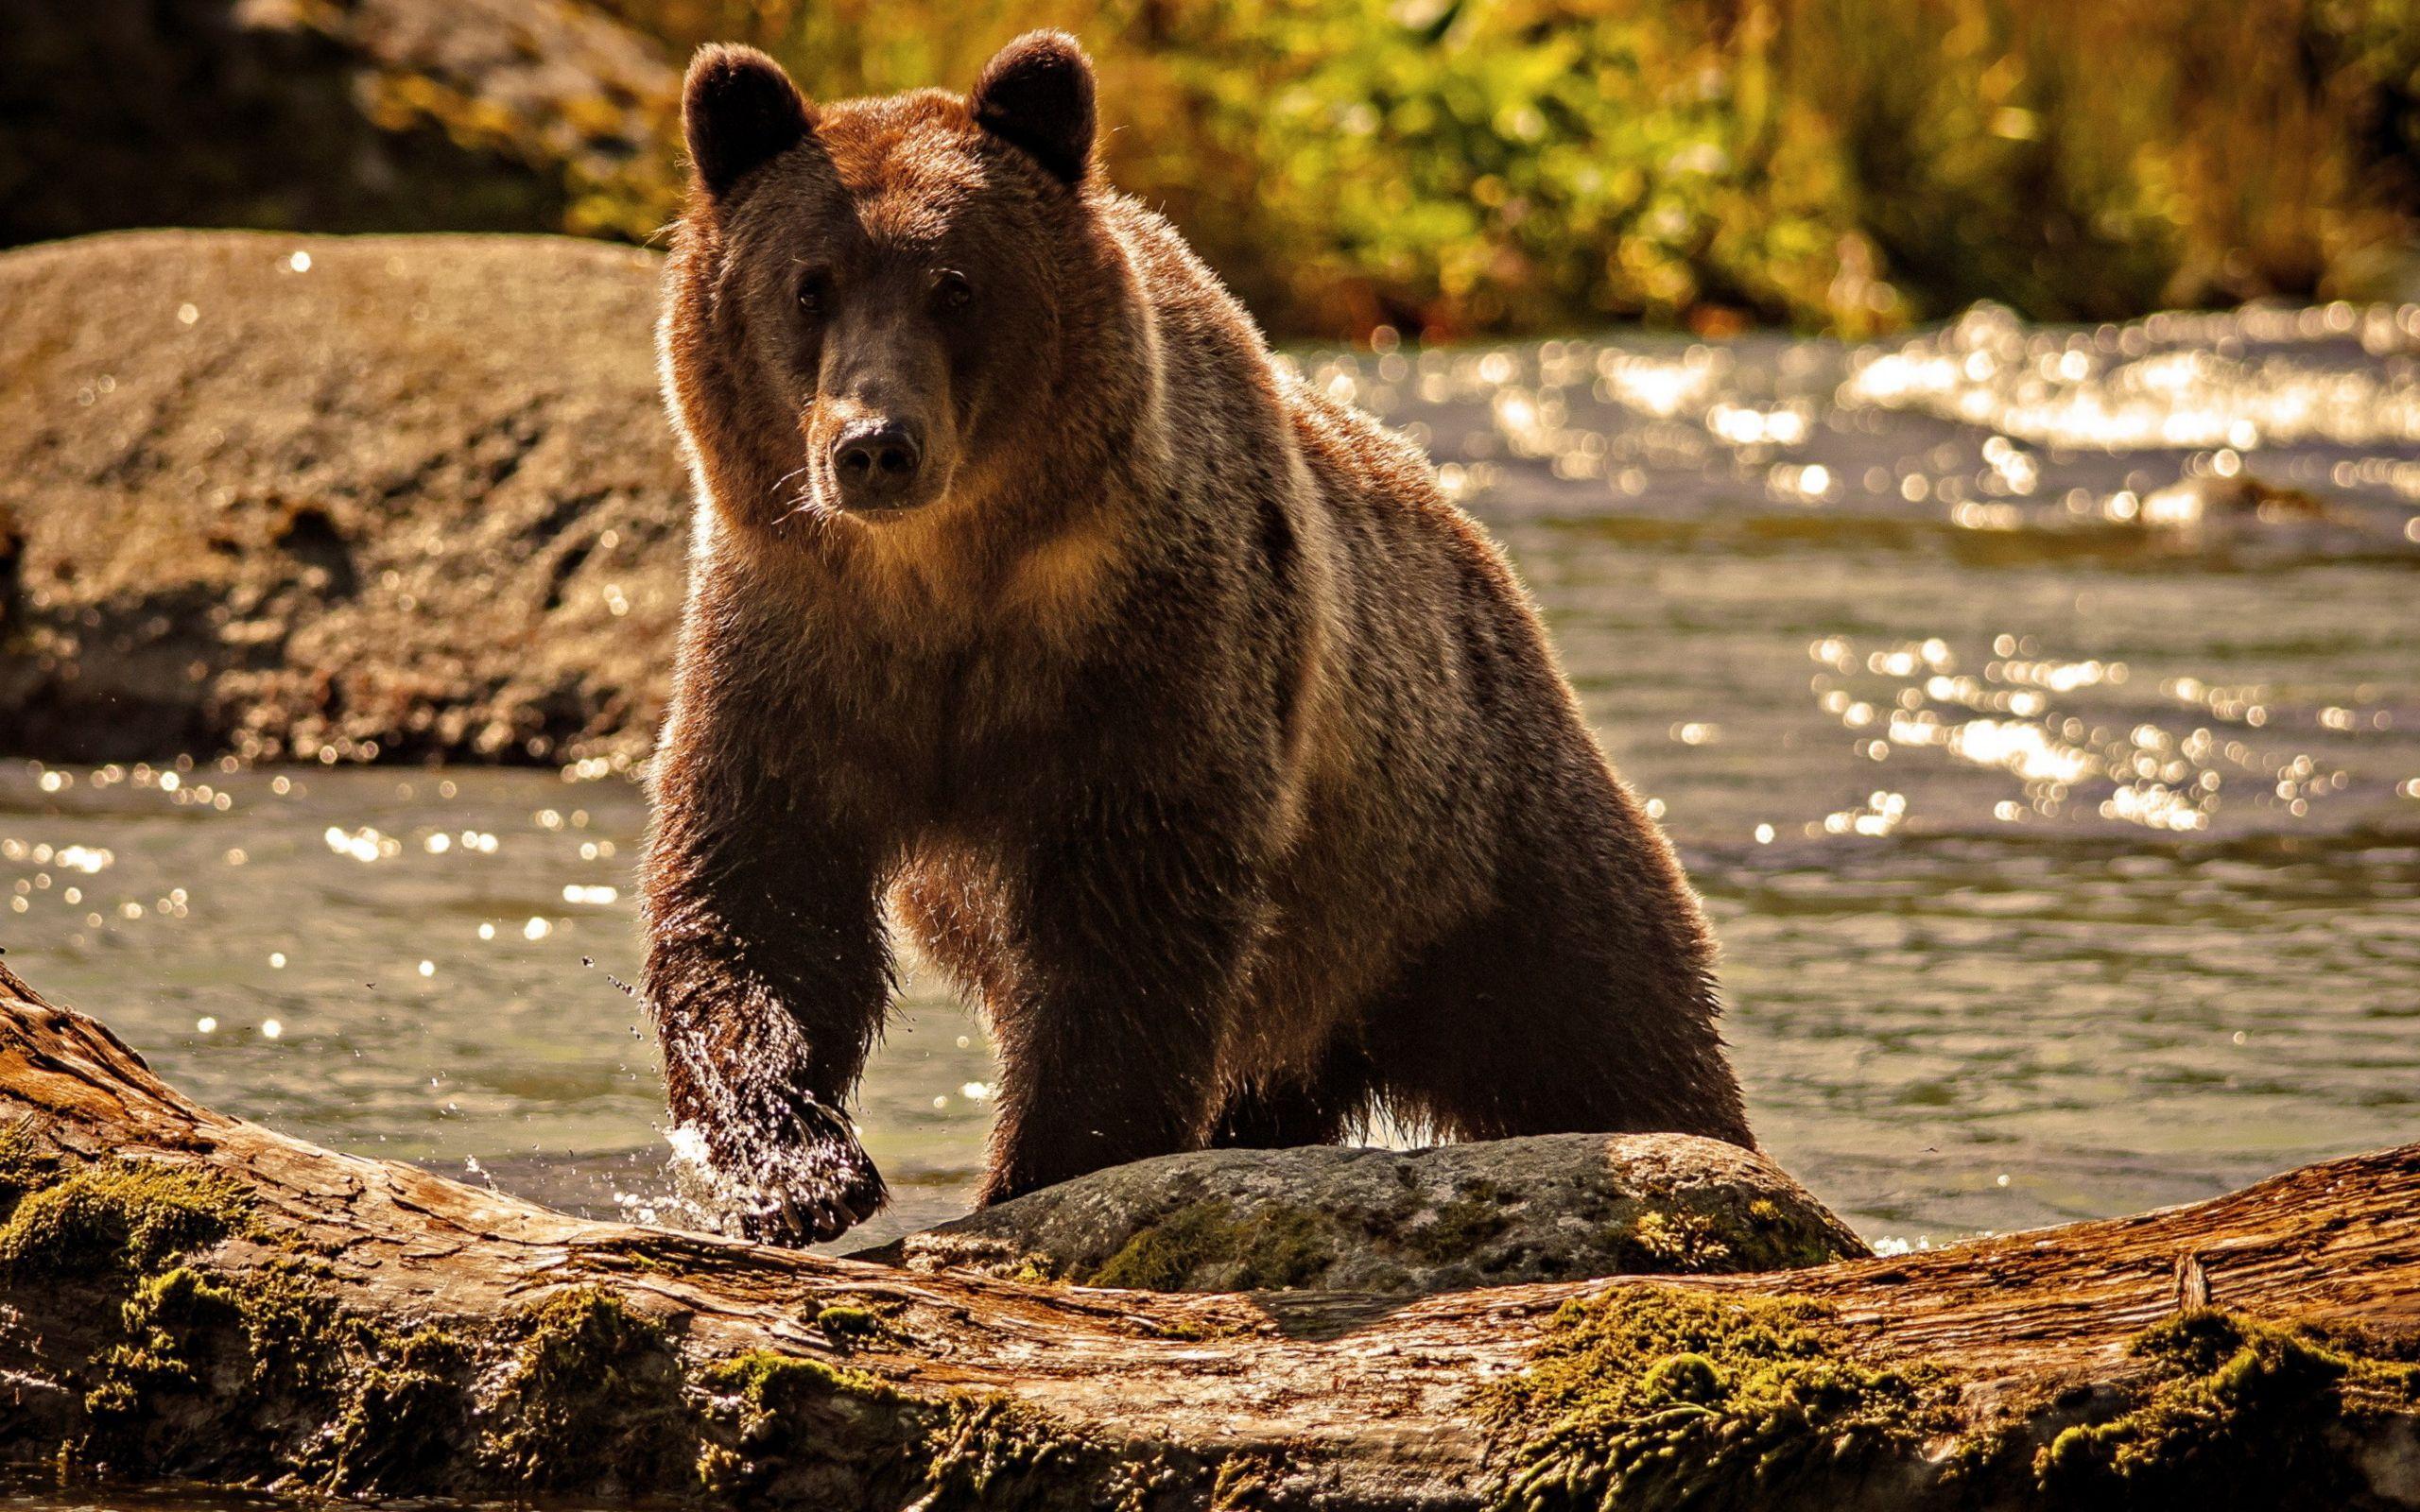 36857 Заставки и Обои Медведи на телефон. Скачать Медведи, Животные картинки бесплатно